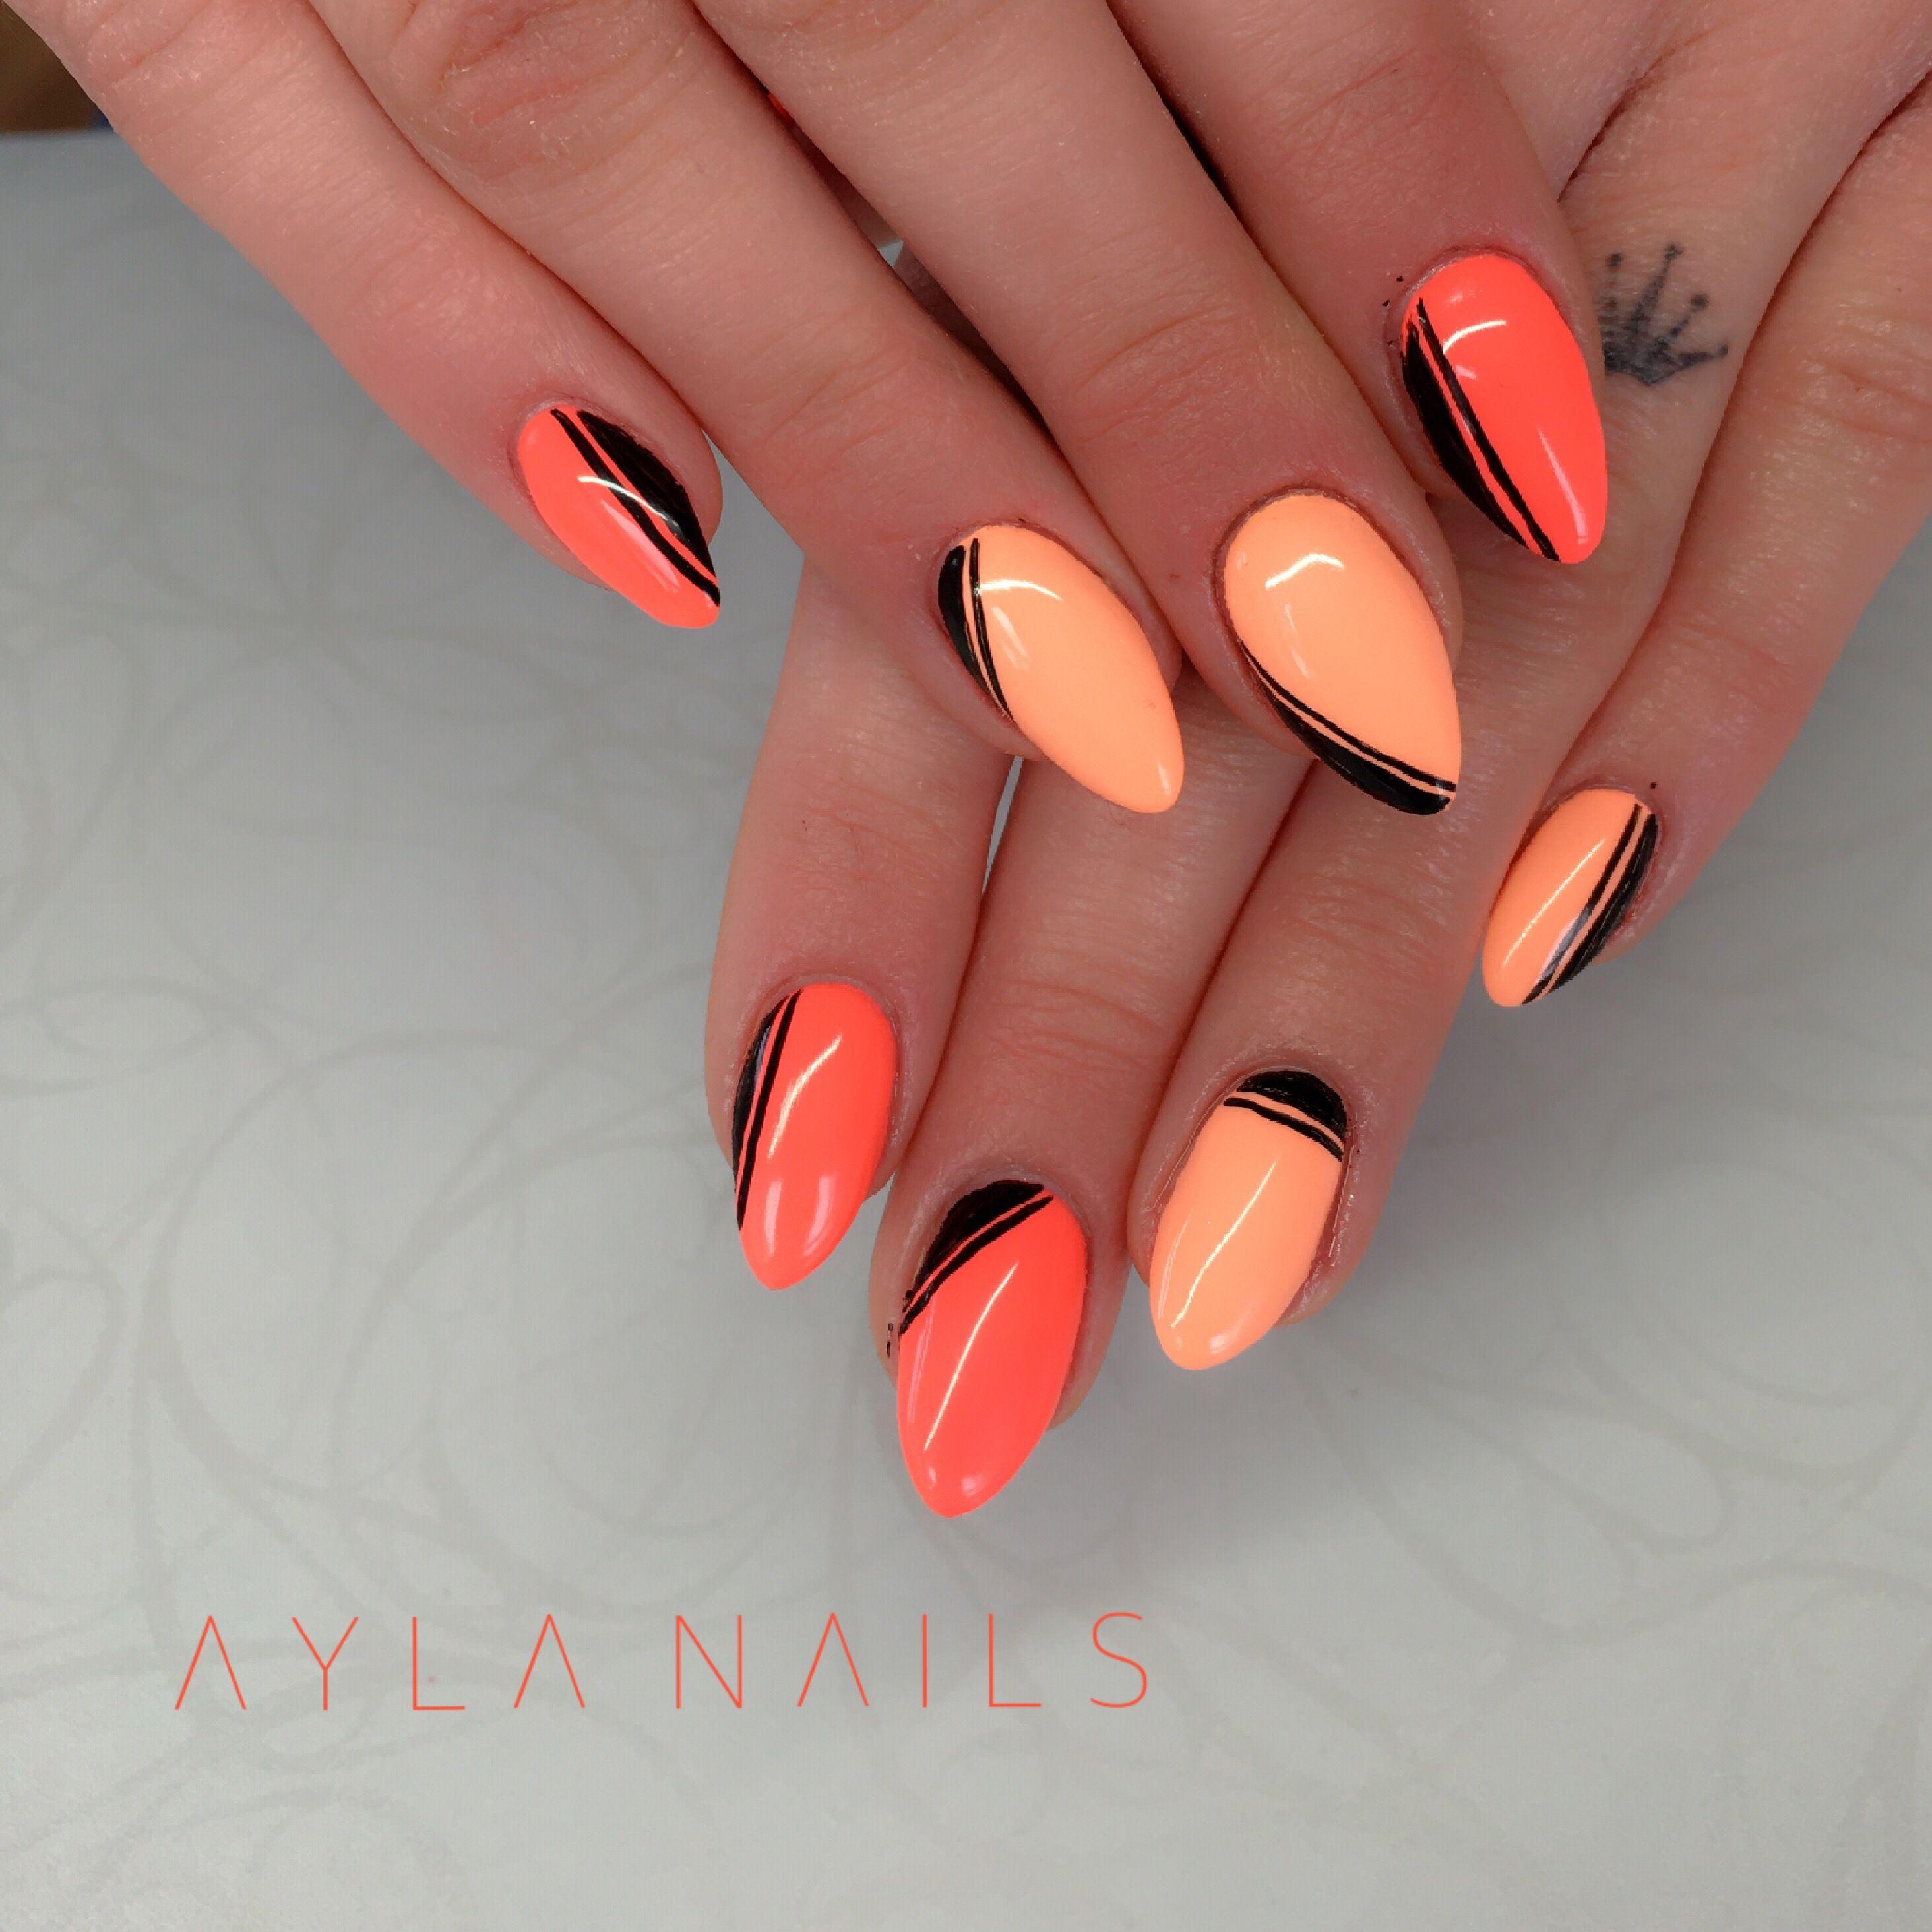 Pin By Adela On Ayla Nails Beauty Swag Nails Nail Art Stylish Nails